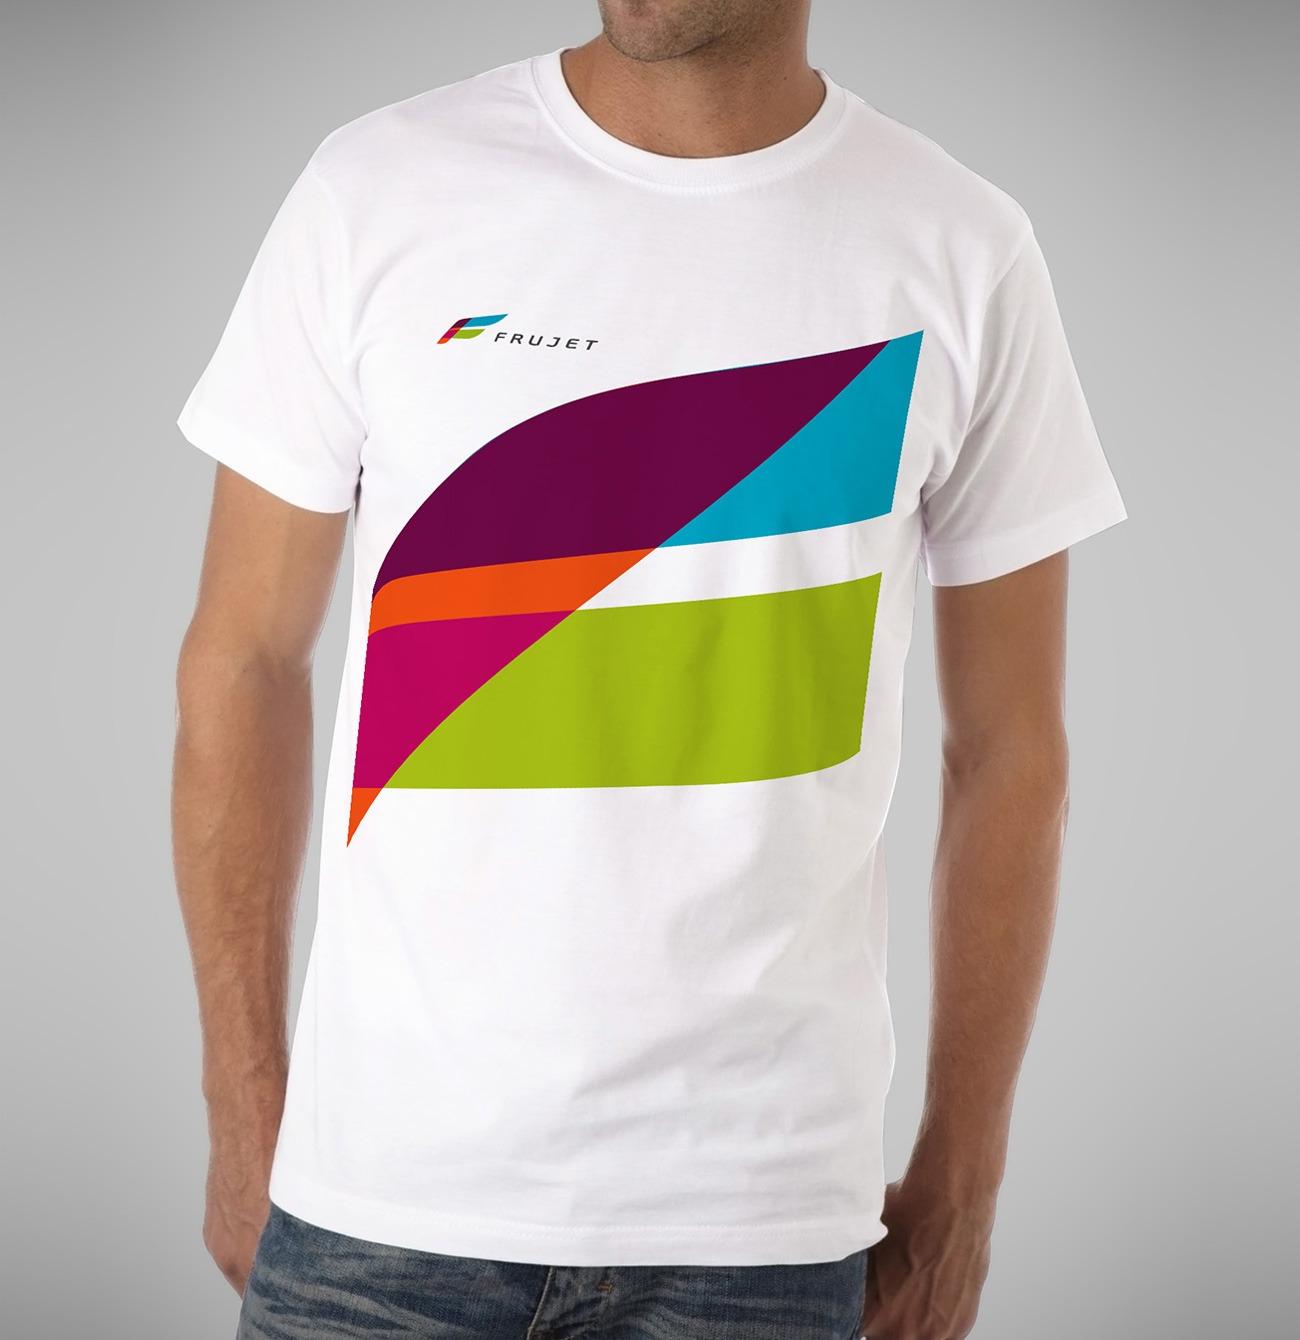 Брендинговое Агентство Асгард, фирменный стиль Frujet, дизайн футболки